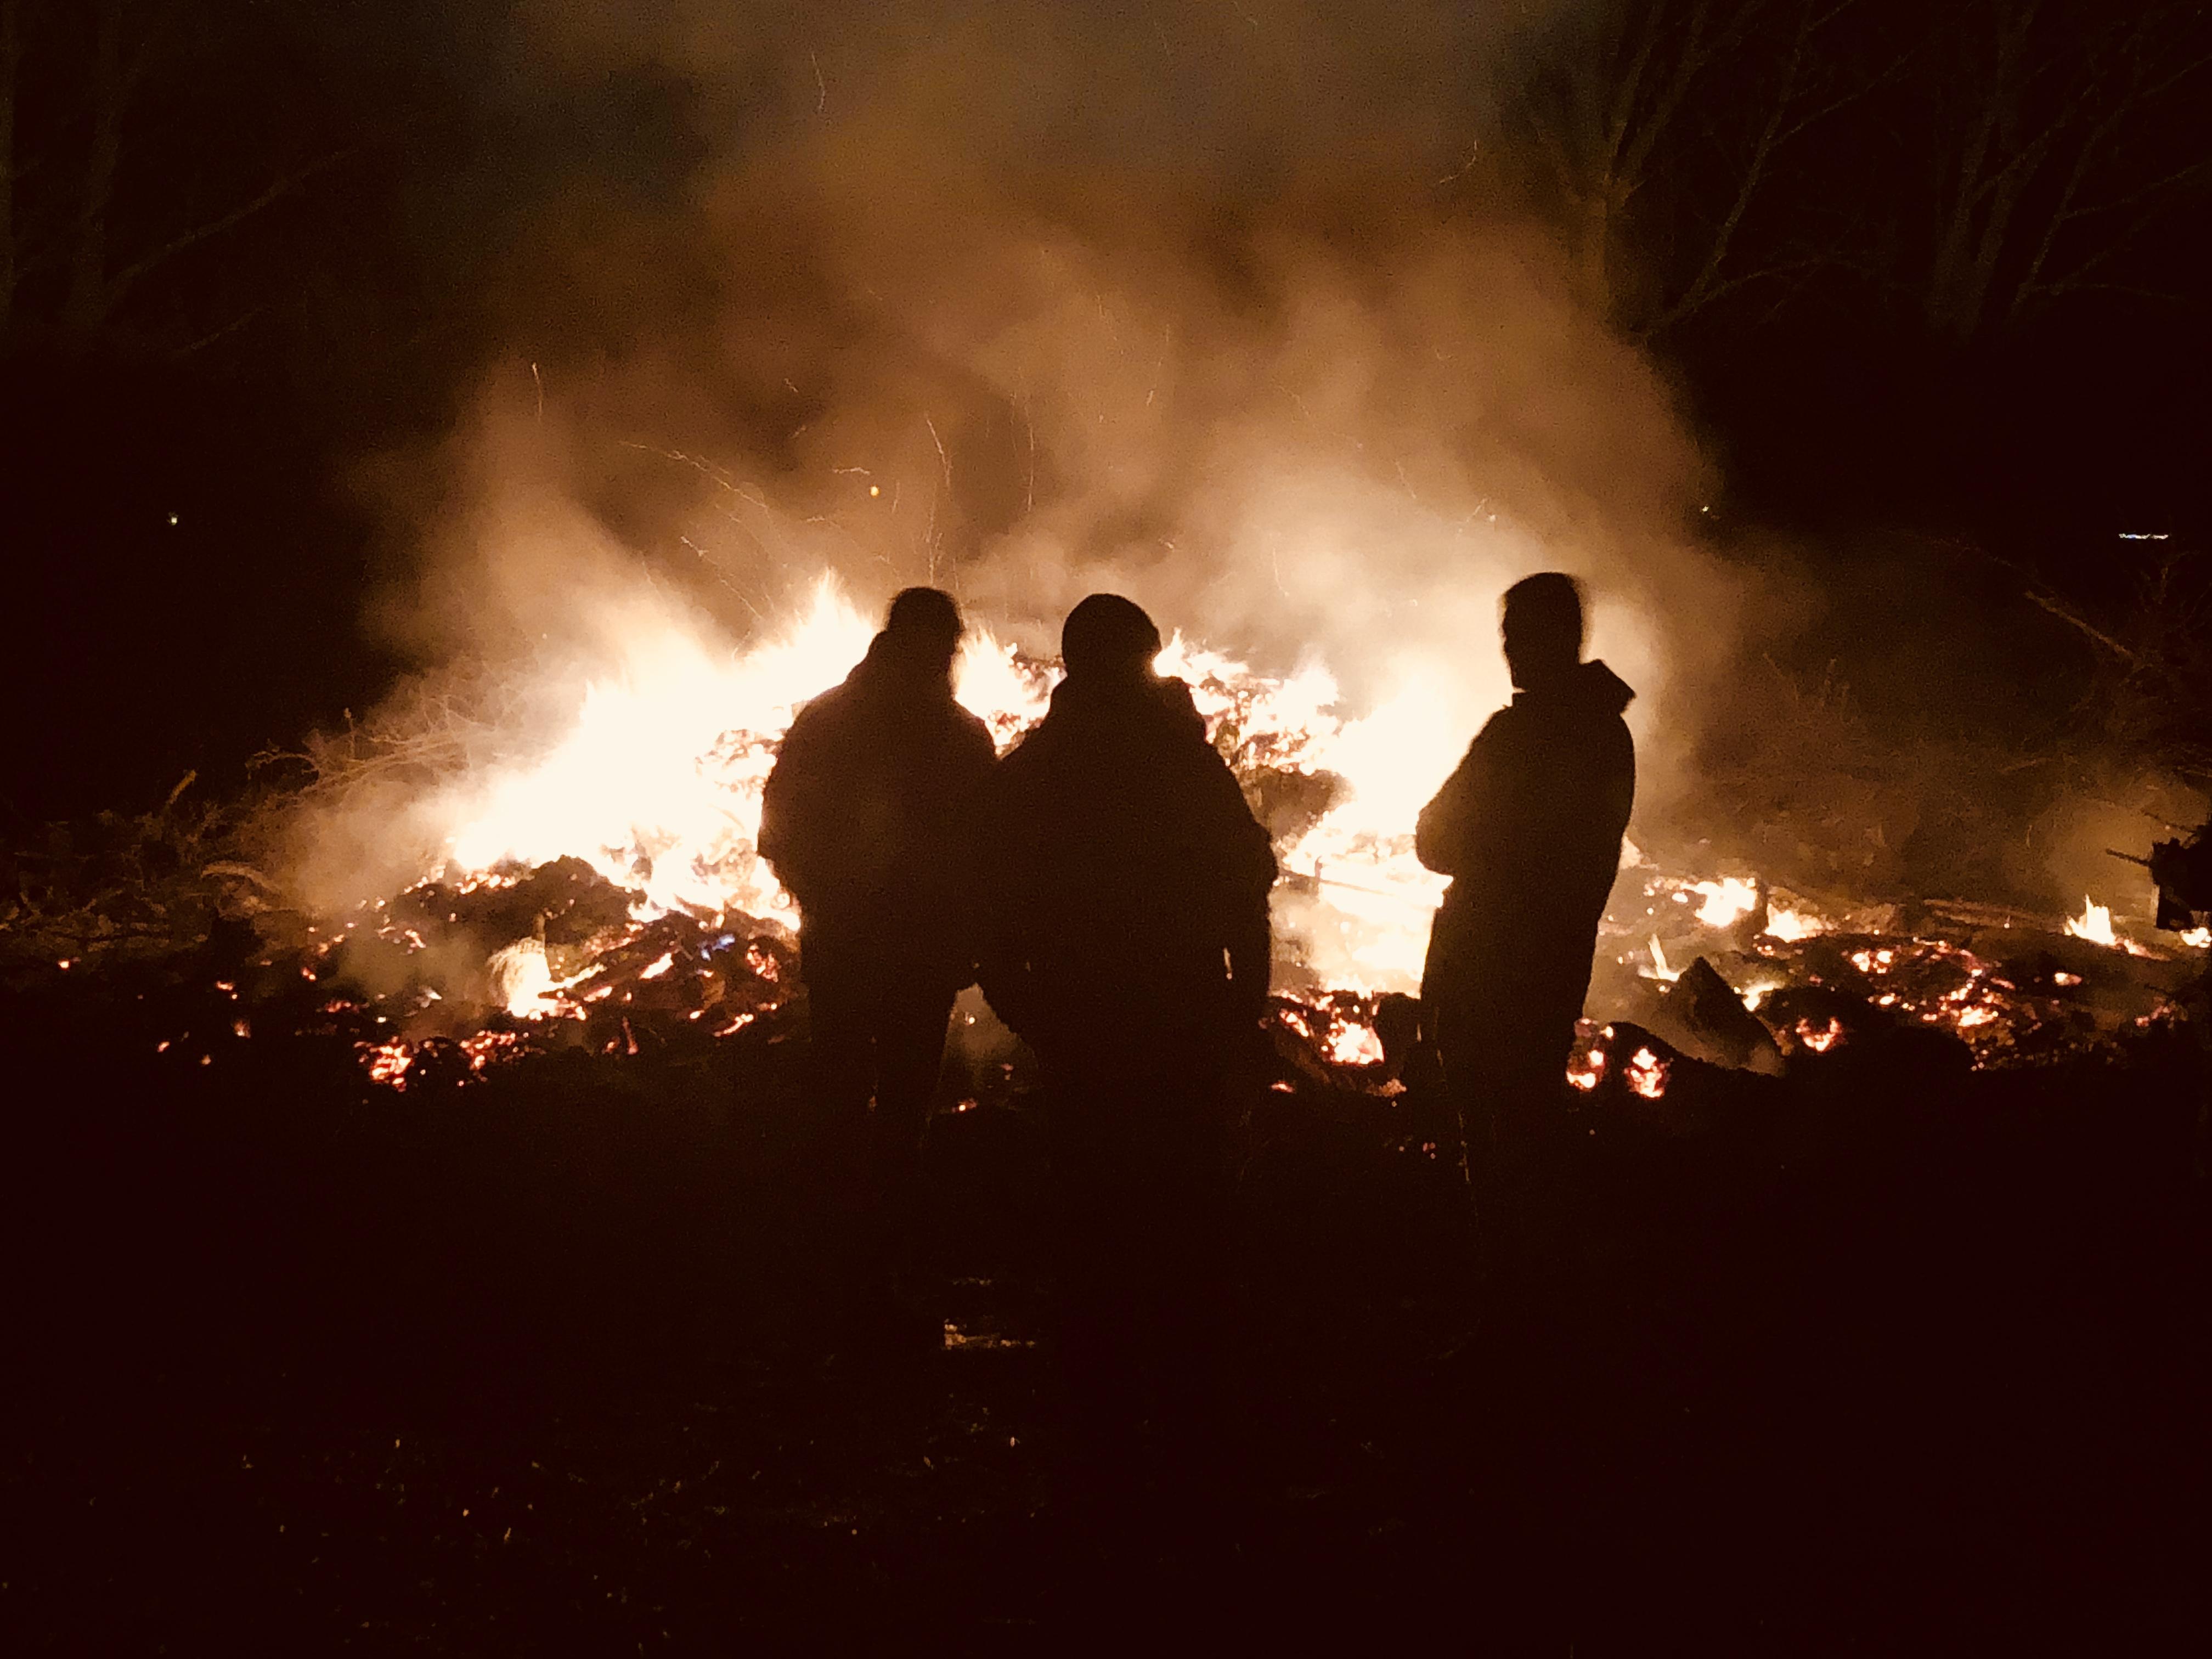 078/2020 - Veranstalter von Osterfeuern müssen sich an